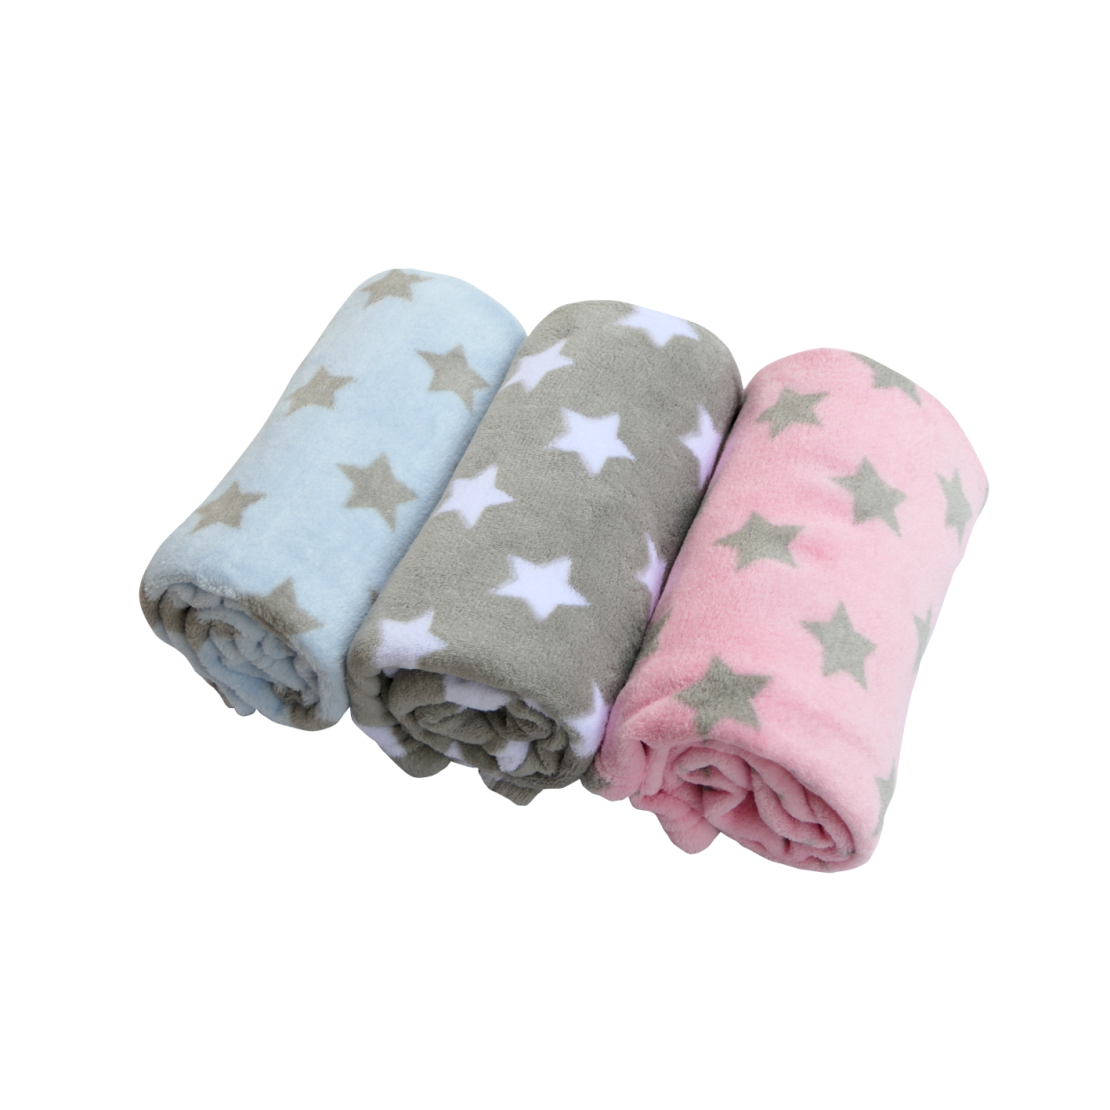 7# - אושר ענוג לבת : מתנה ליולדת - קופסת צעצועים, ספר בד 1-2-3 עם מילוי קשיח, שמיכה רכה, בובת מקל רכה מצפצפת